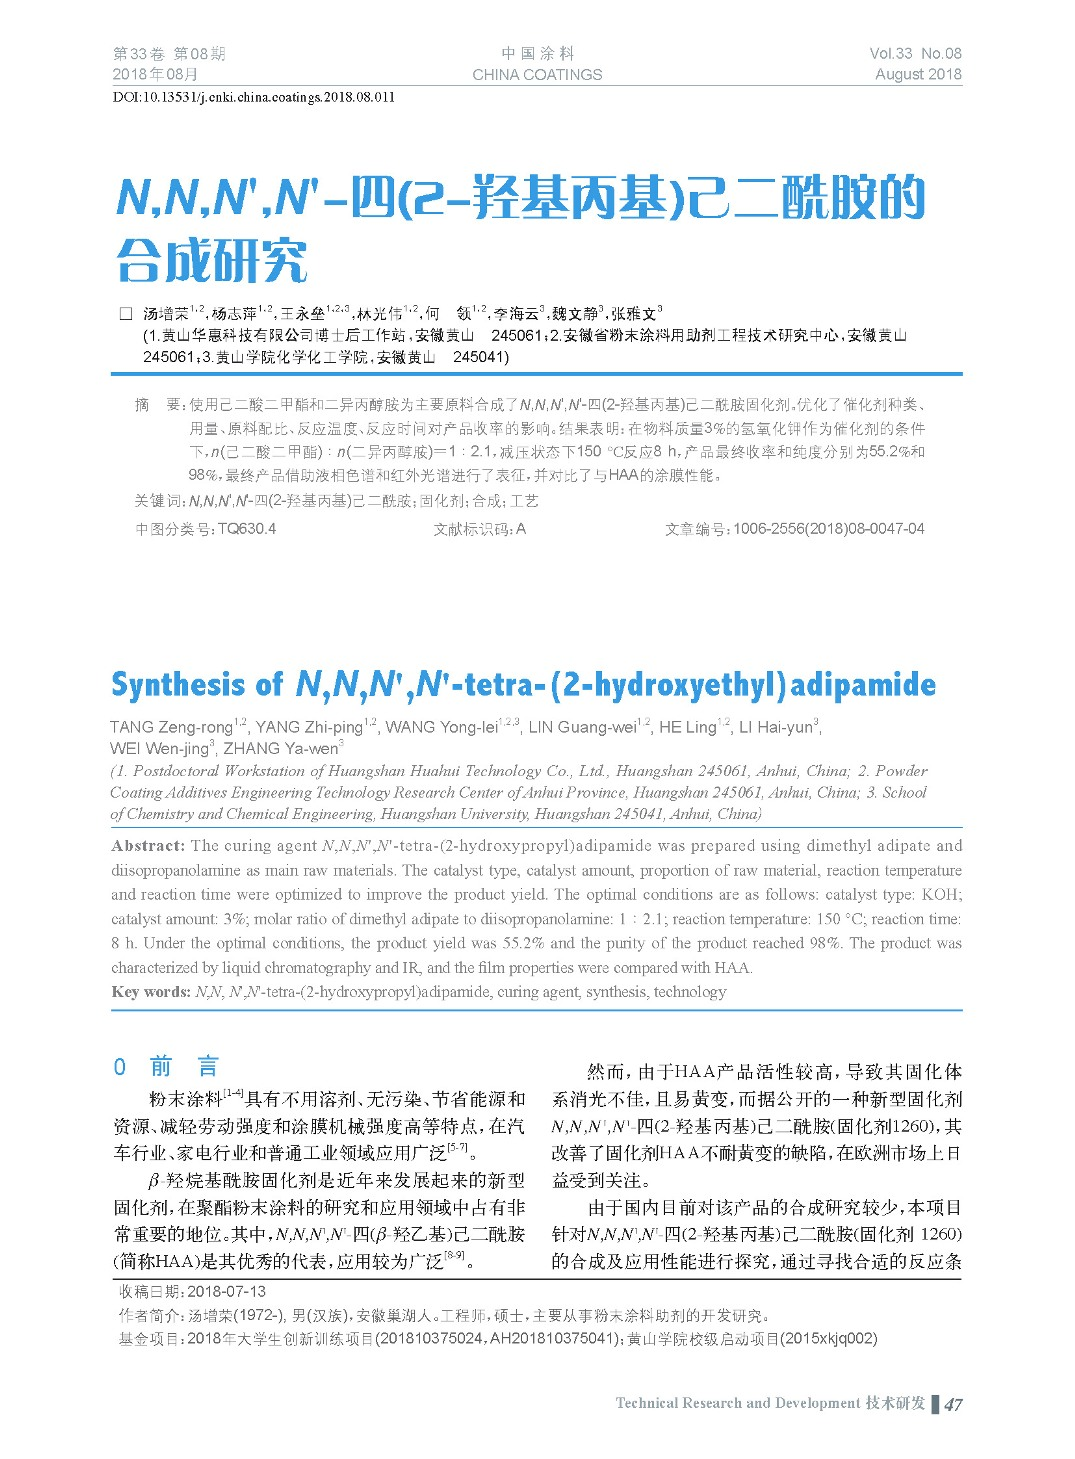 页面提取自-201808内文-11.jpg